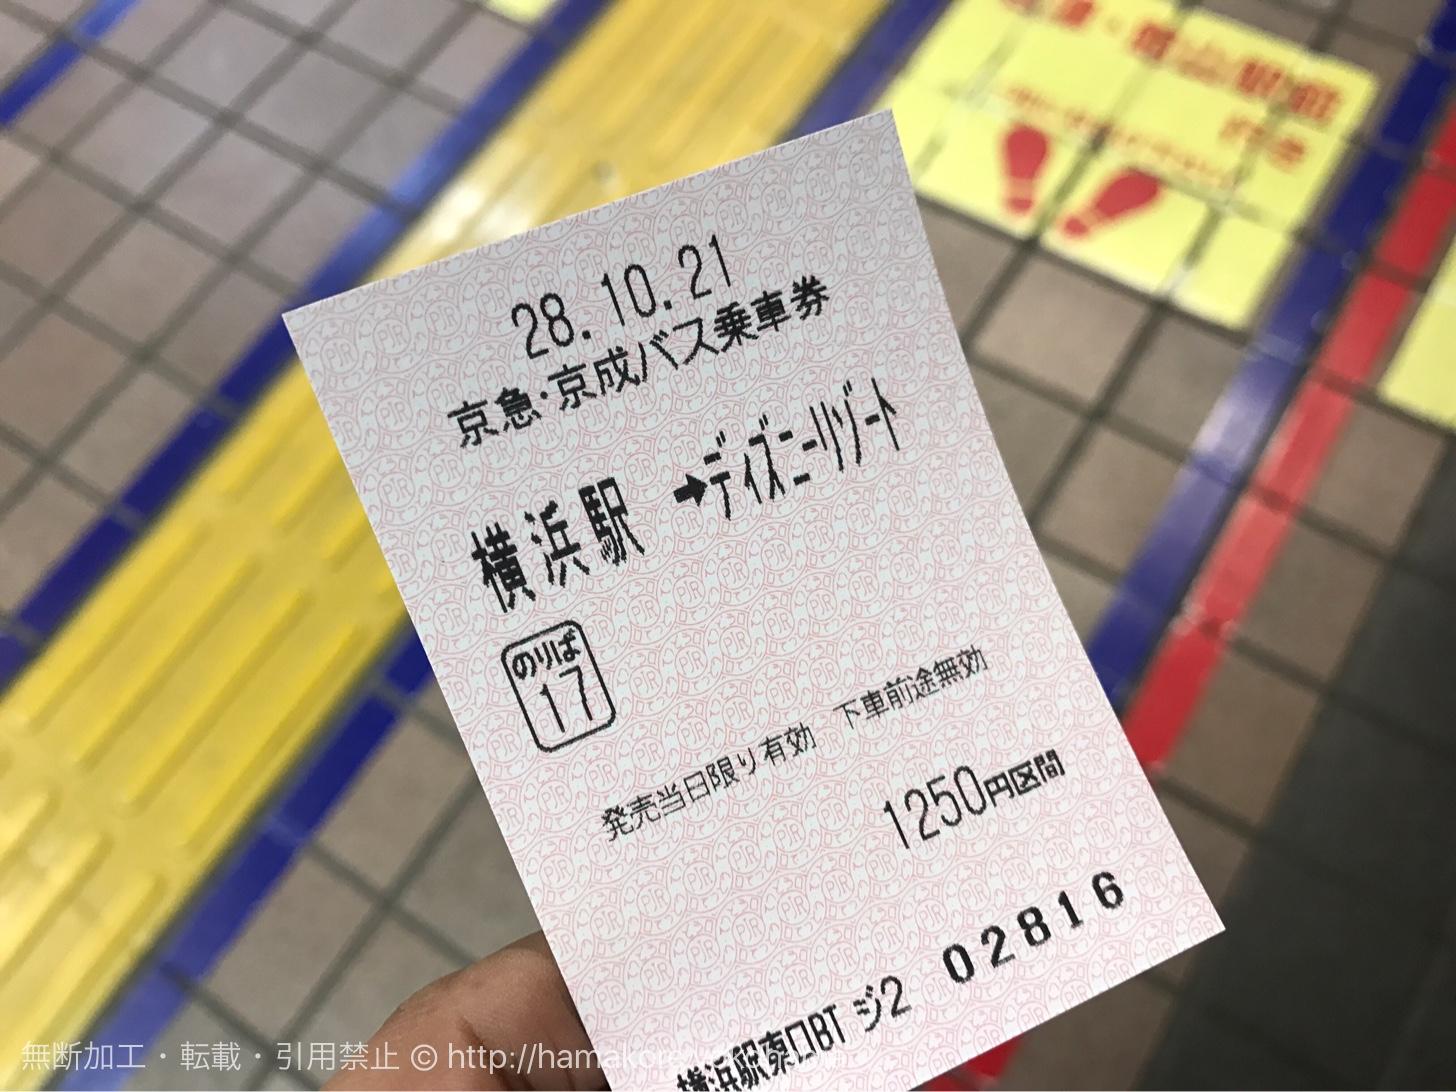 横浜駅からディズニーランド・シーにバスで行く方法!チケット購入方法